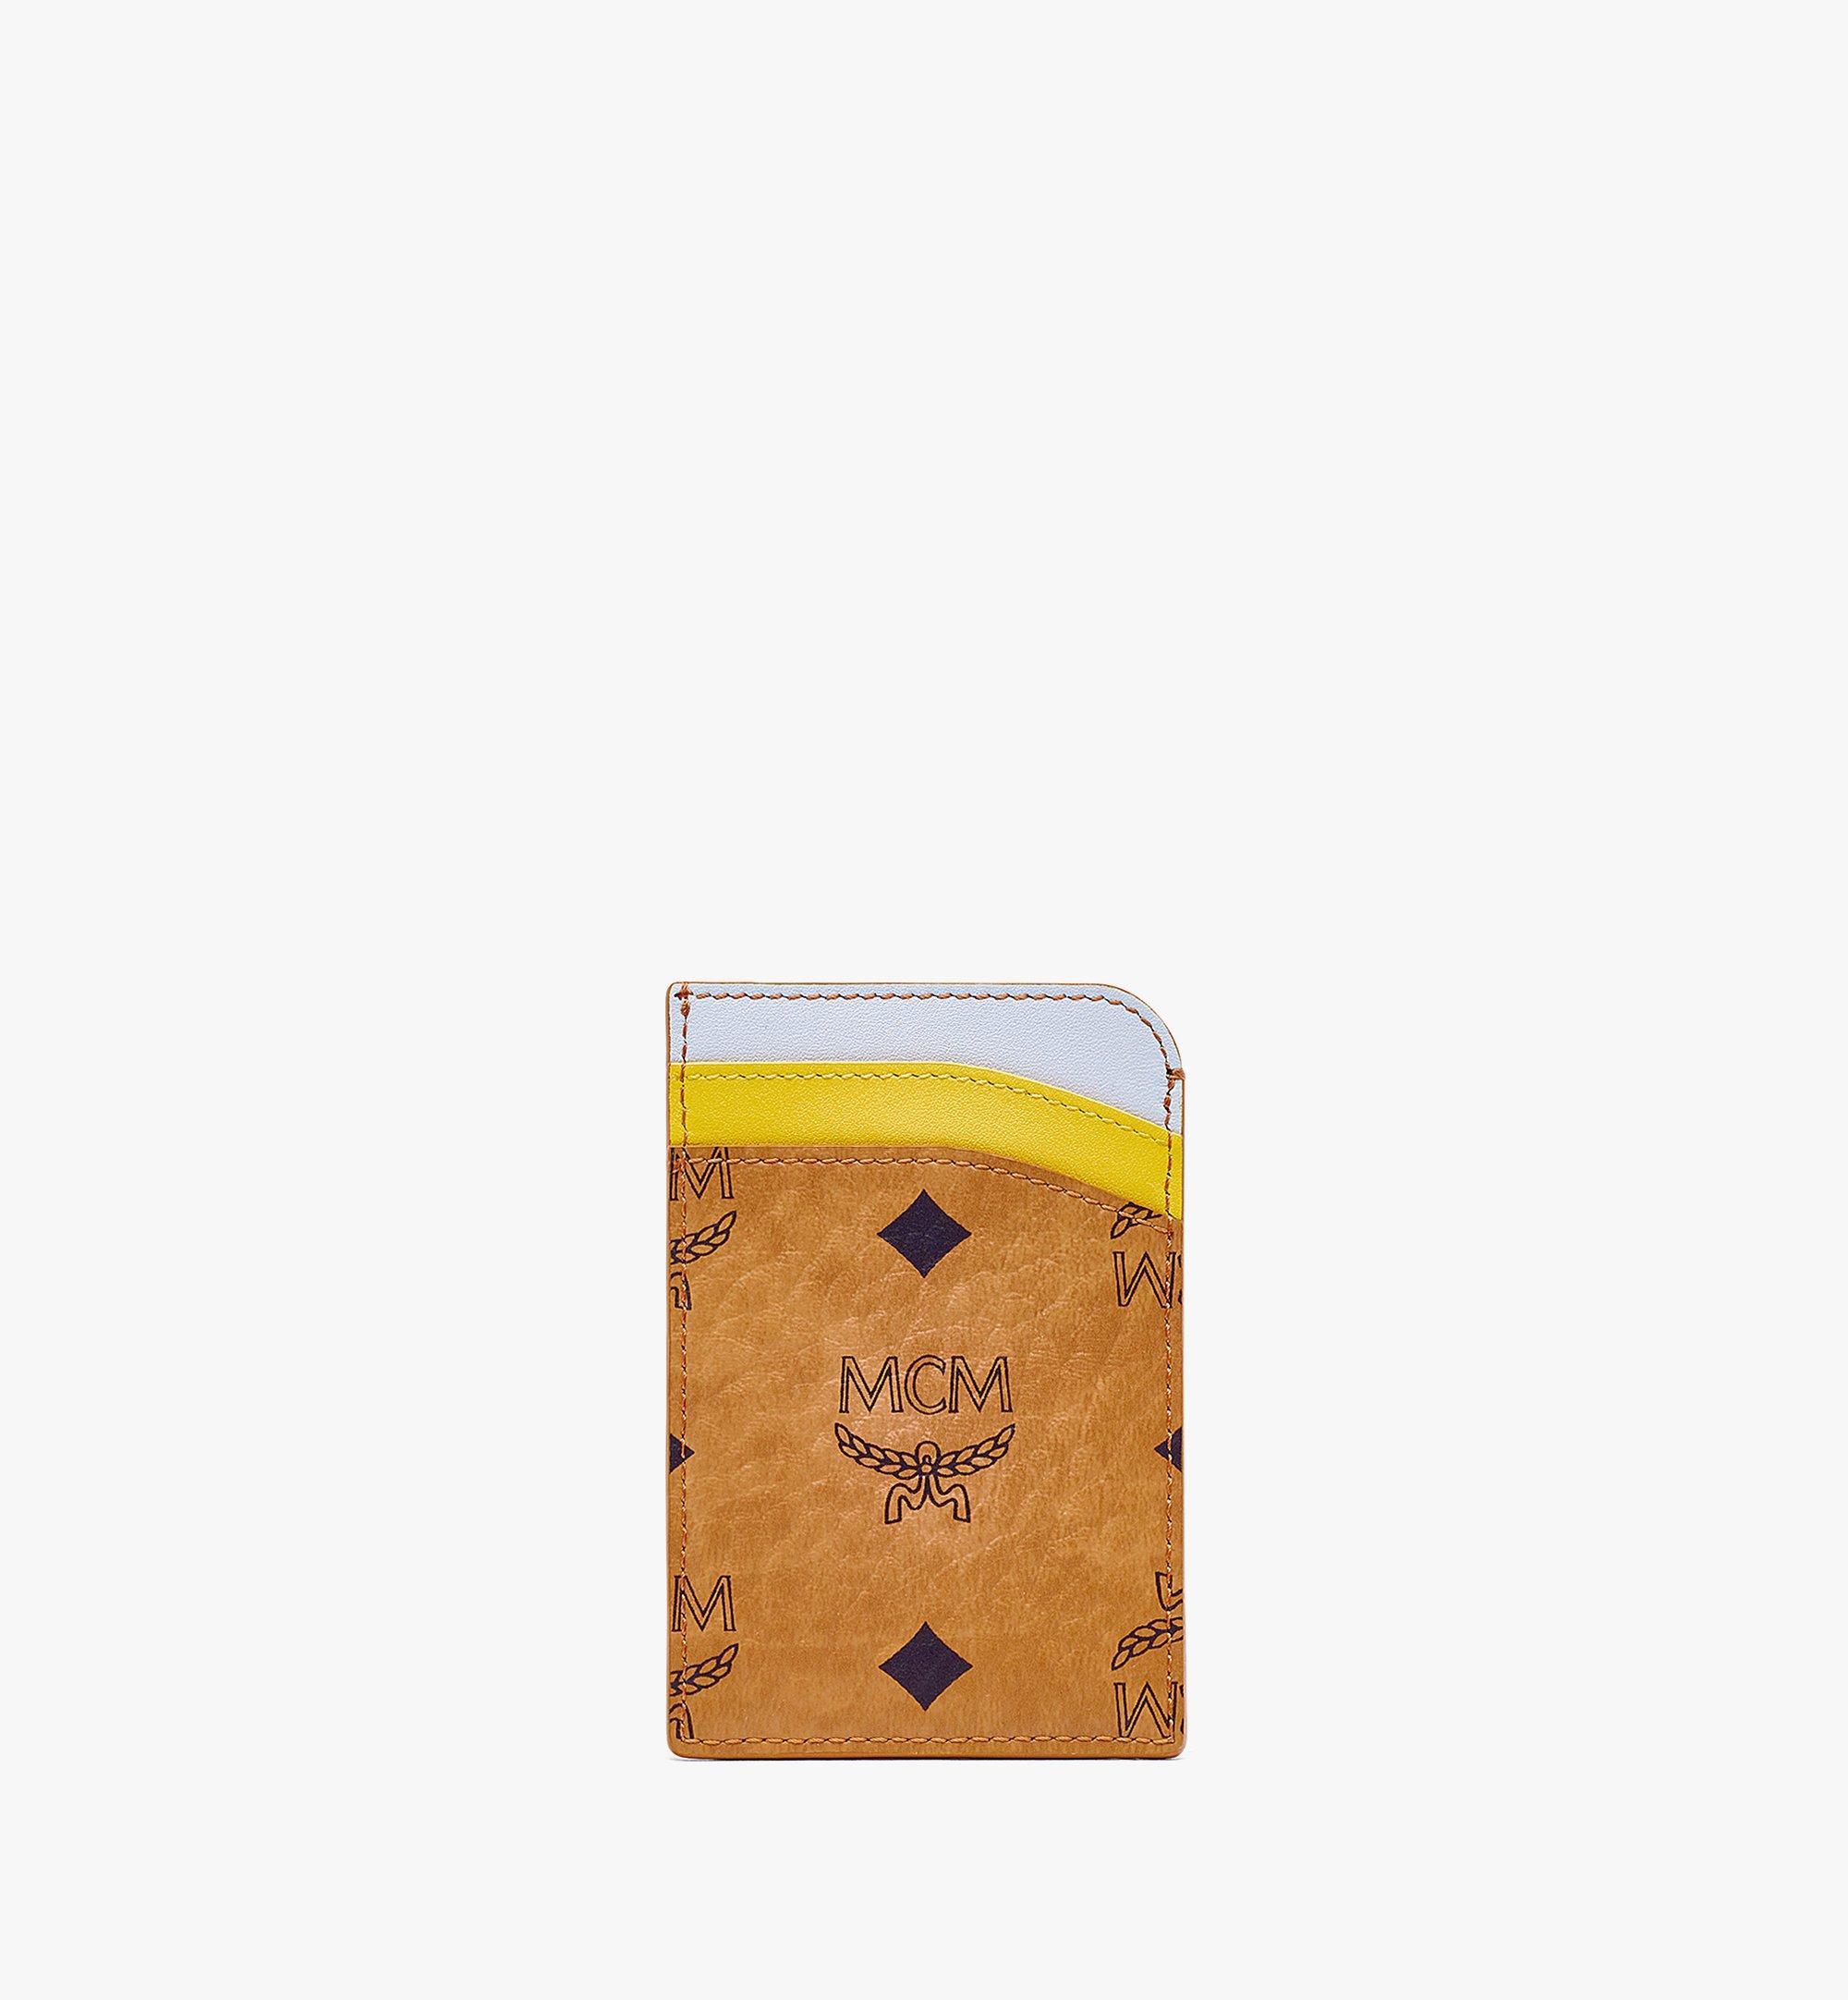 MCM MCM Zoo Hochformatiges Kartenetui mit Pandamotiv in Visetos Leder-Mix Cognac MXABSXL04CO001 Noch mehr sehen 2